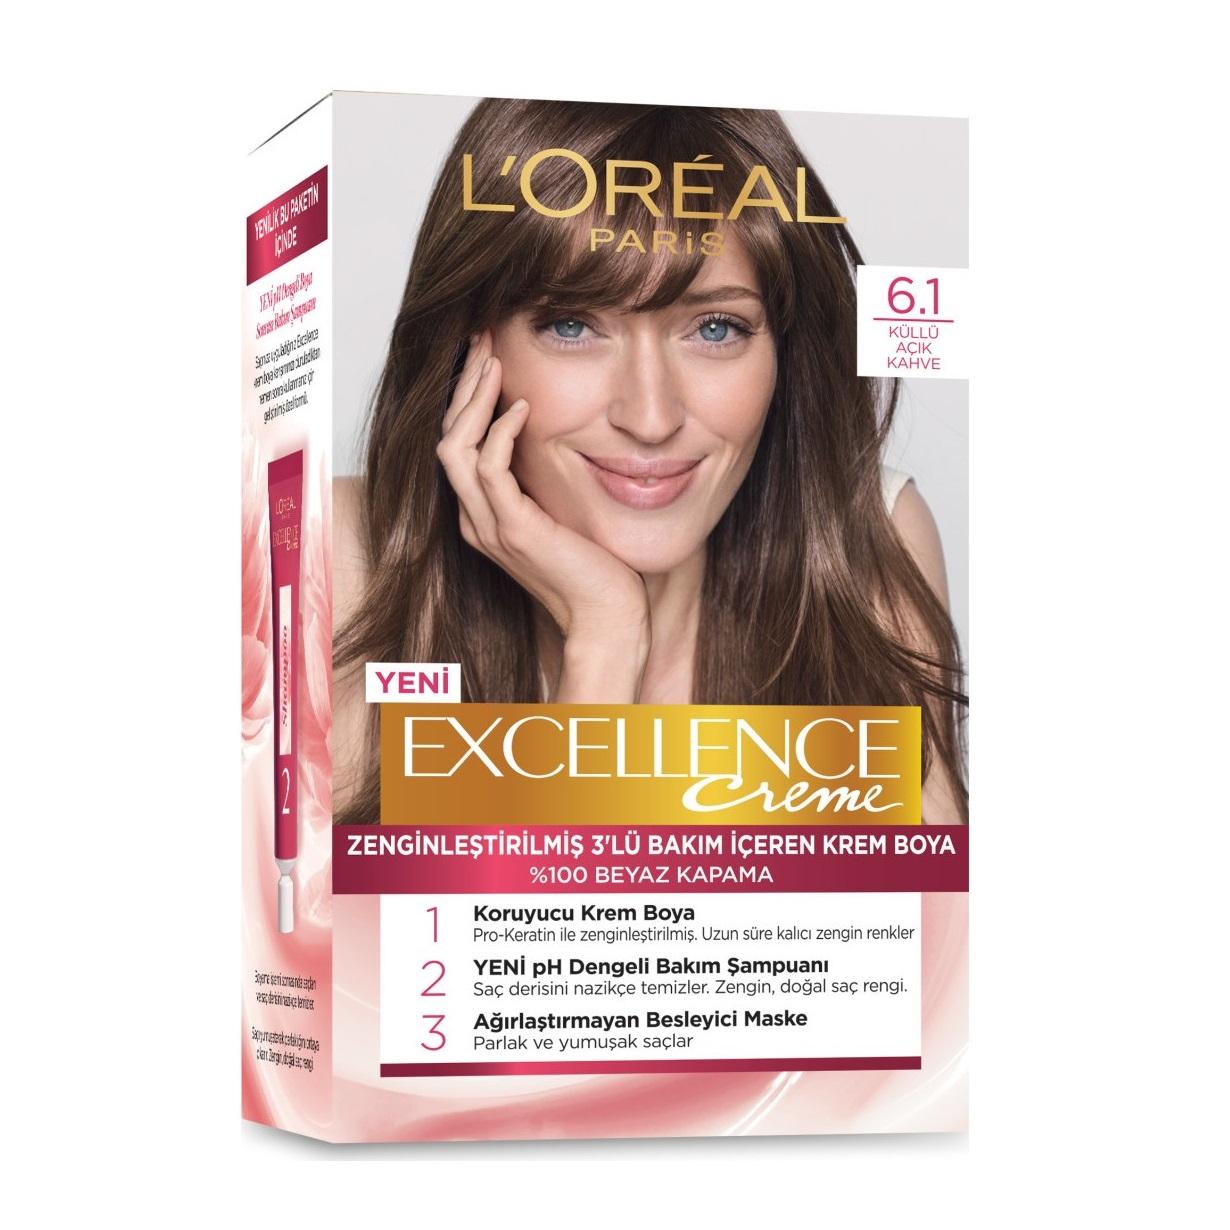 کیت رنگ مو لورآل سری Excellence شماره 6.1